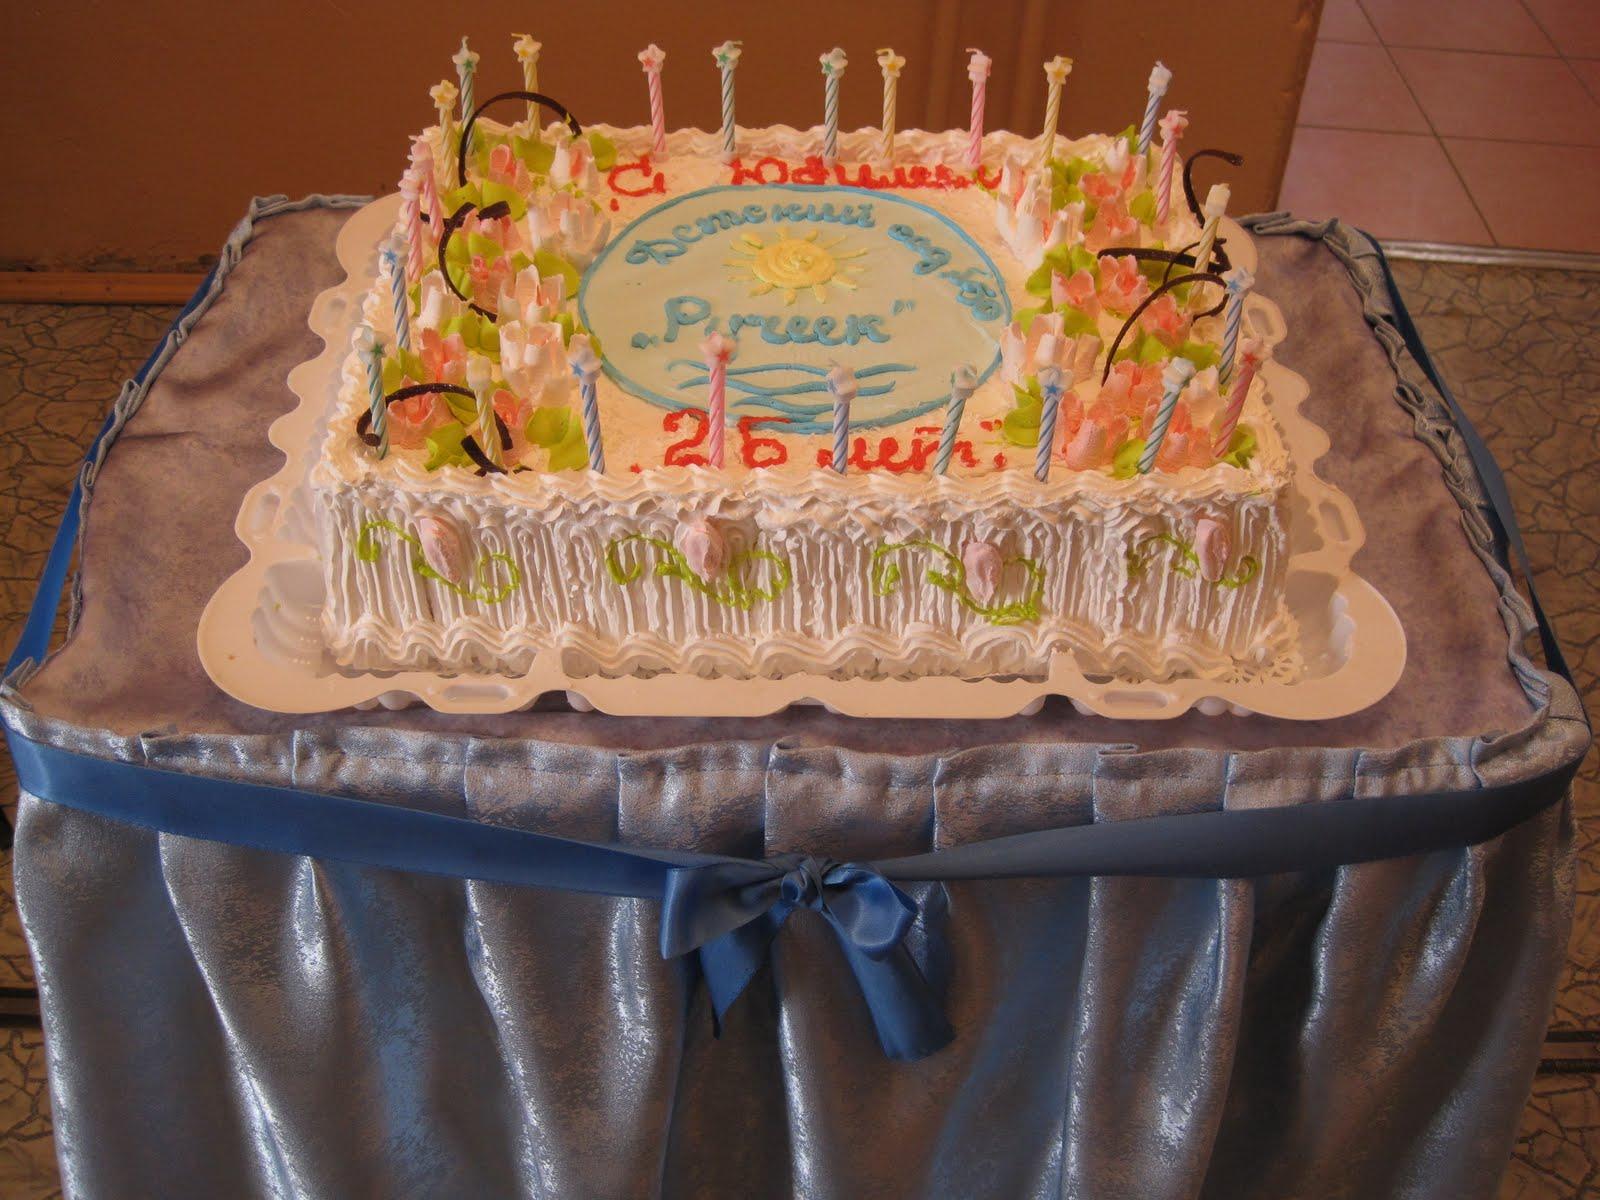 Курсовая работа Иваничкиной Т А  Именно с таким настроением и встречал детский сад Ручеёк свой юбилей и принимал поздравления Ну и какой же праздник без вкусного красивого торта со